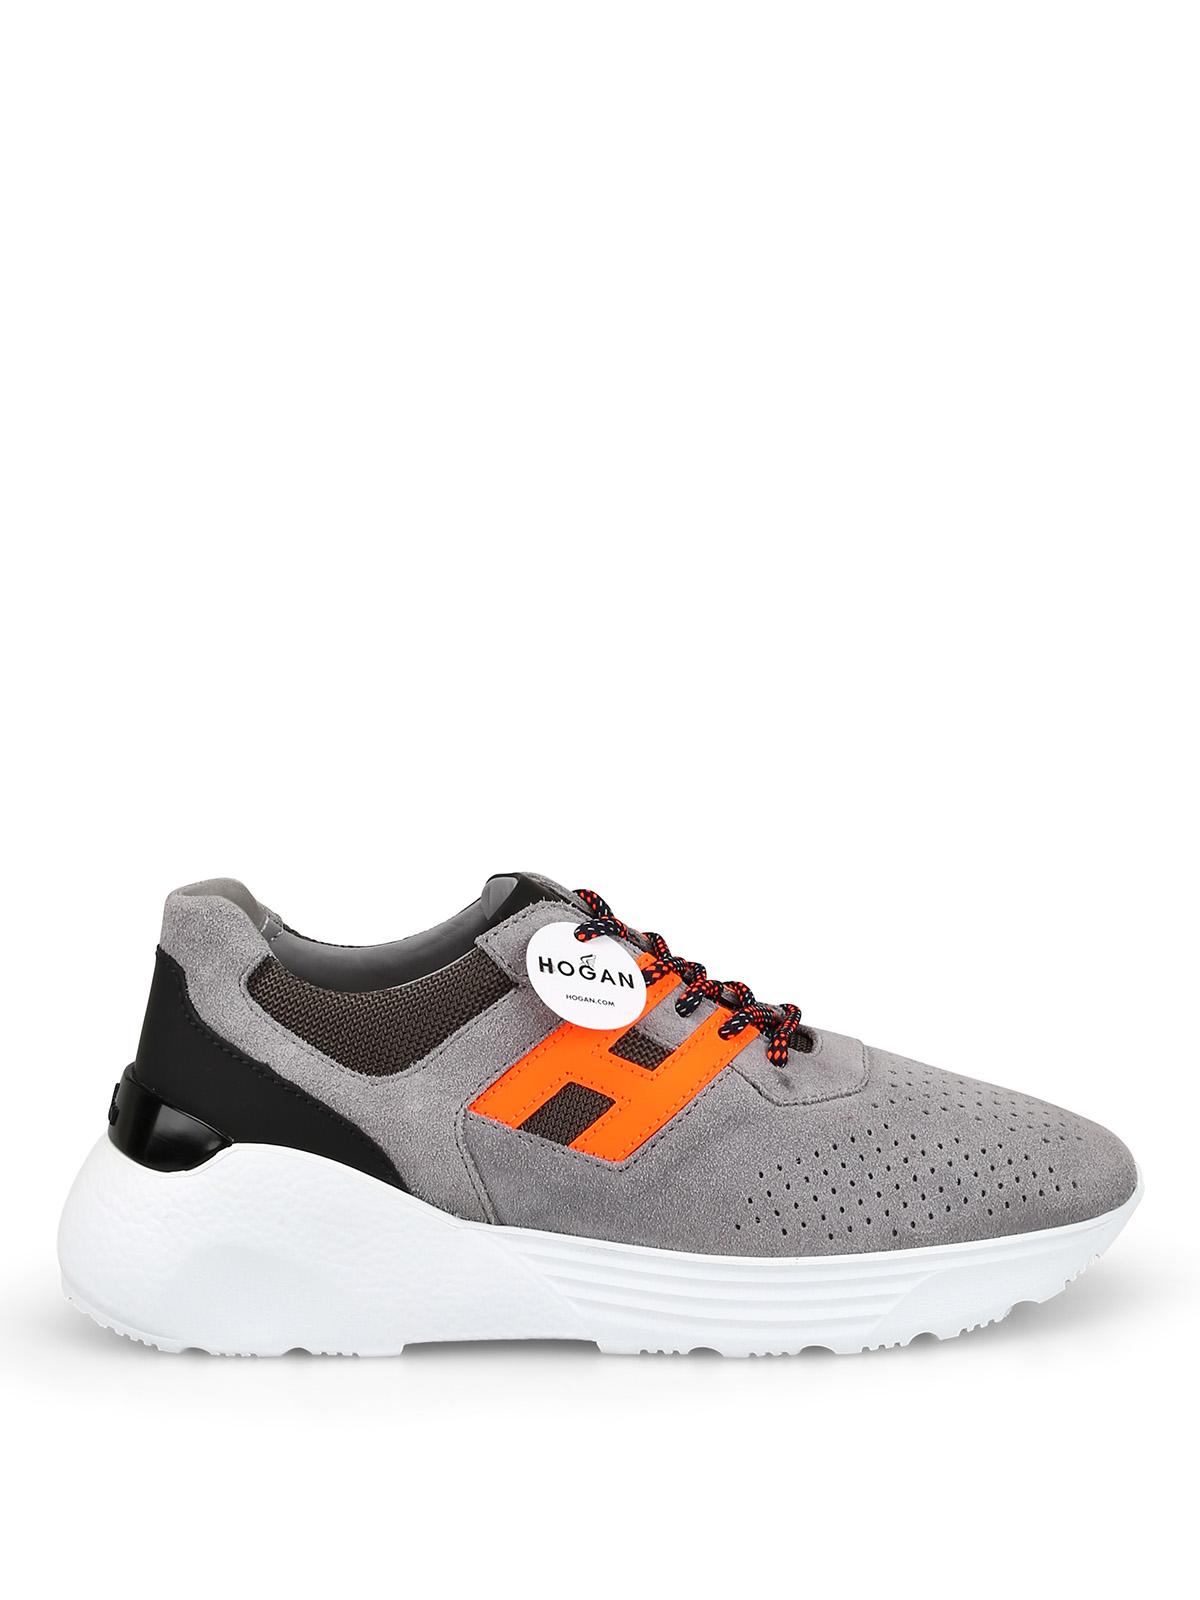 Women's Orange Shoes & Orange Sneakers | Reebok US